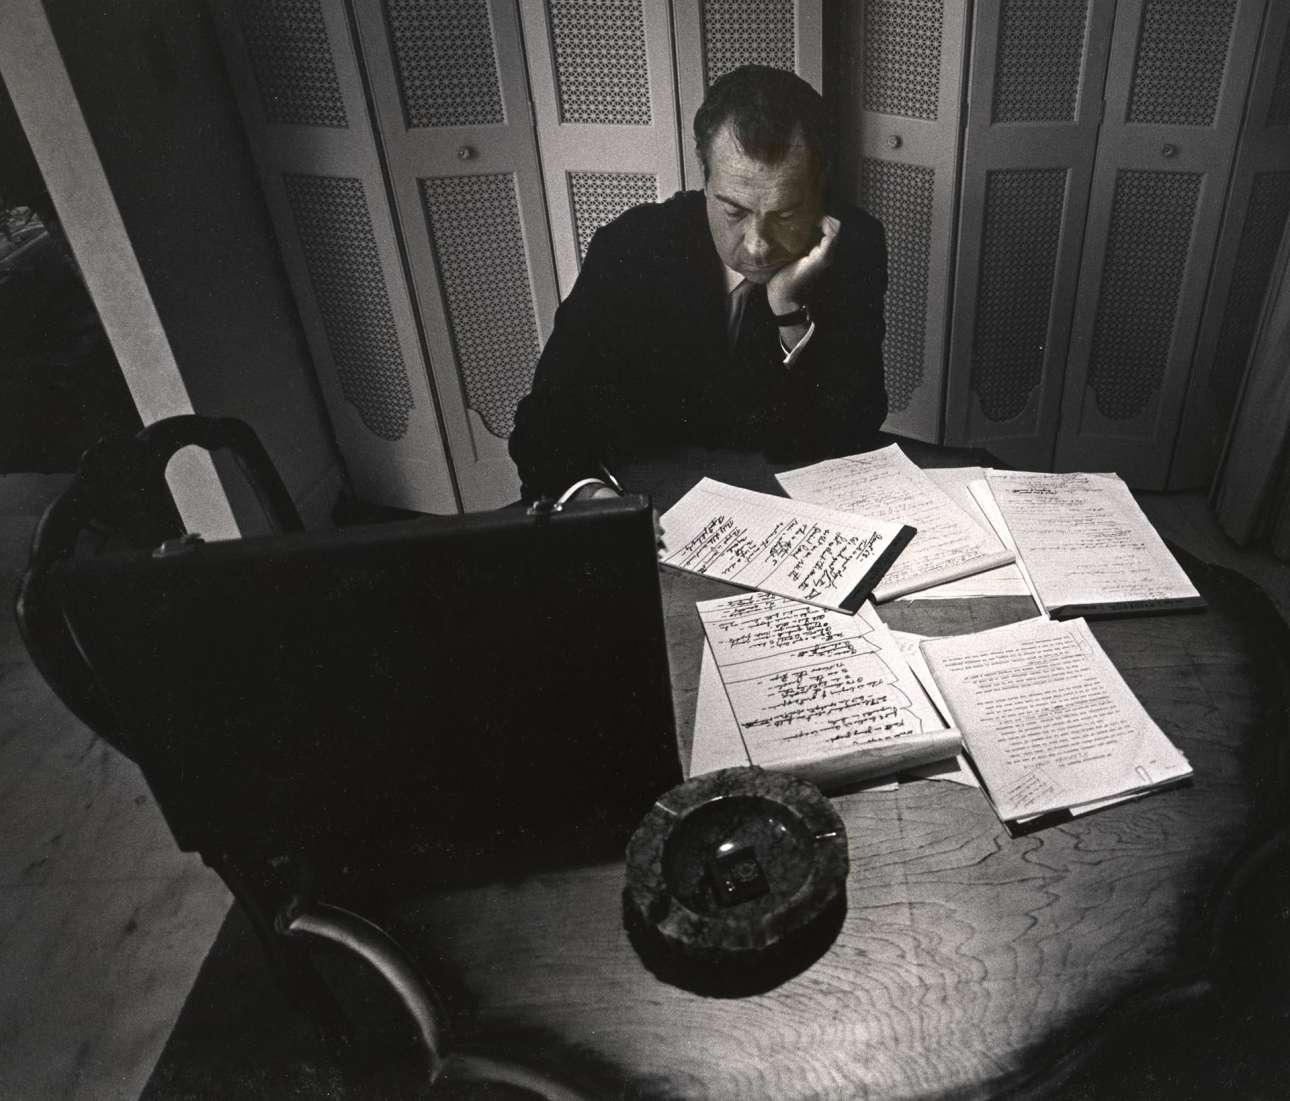 Μόνος στο δωμάτιο του ξενοδοχείου του, ο Ρίτσαρντ Νίξον γράφει τον λόγο αποδοχής για τις αμερικανικές προεδρικές εκλογές του 1968, ως υποψήφιος του Ρεπουμπλικανικού Κόμματος. Ο Νίξον τελικά τις κέρδισε και έγινε ο 37ος πρόεδρος των ΗΠΑ